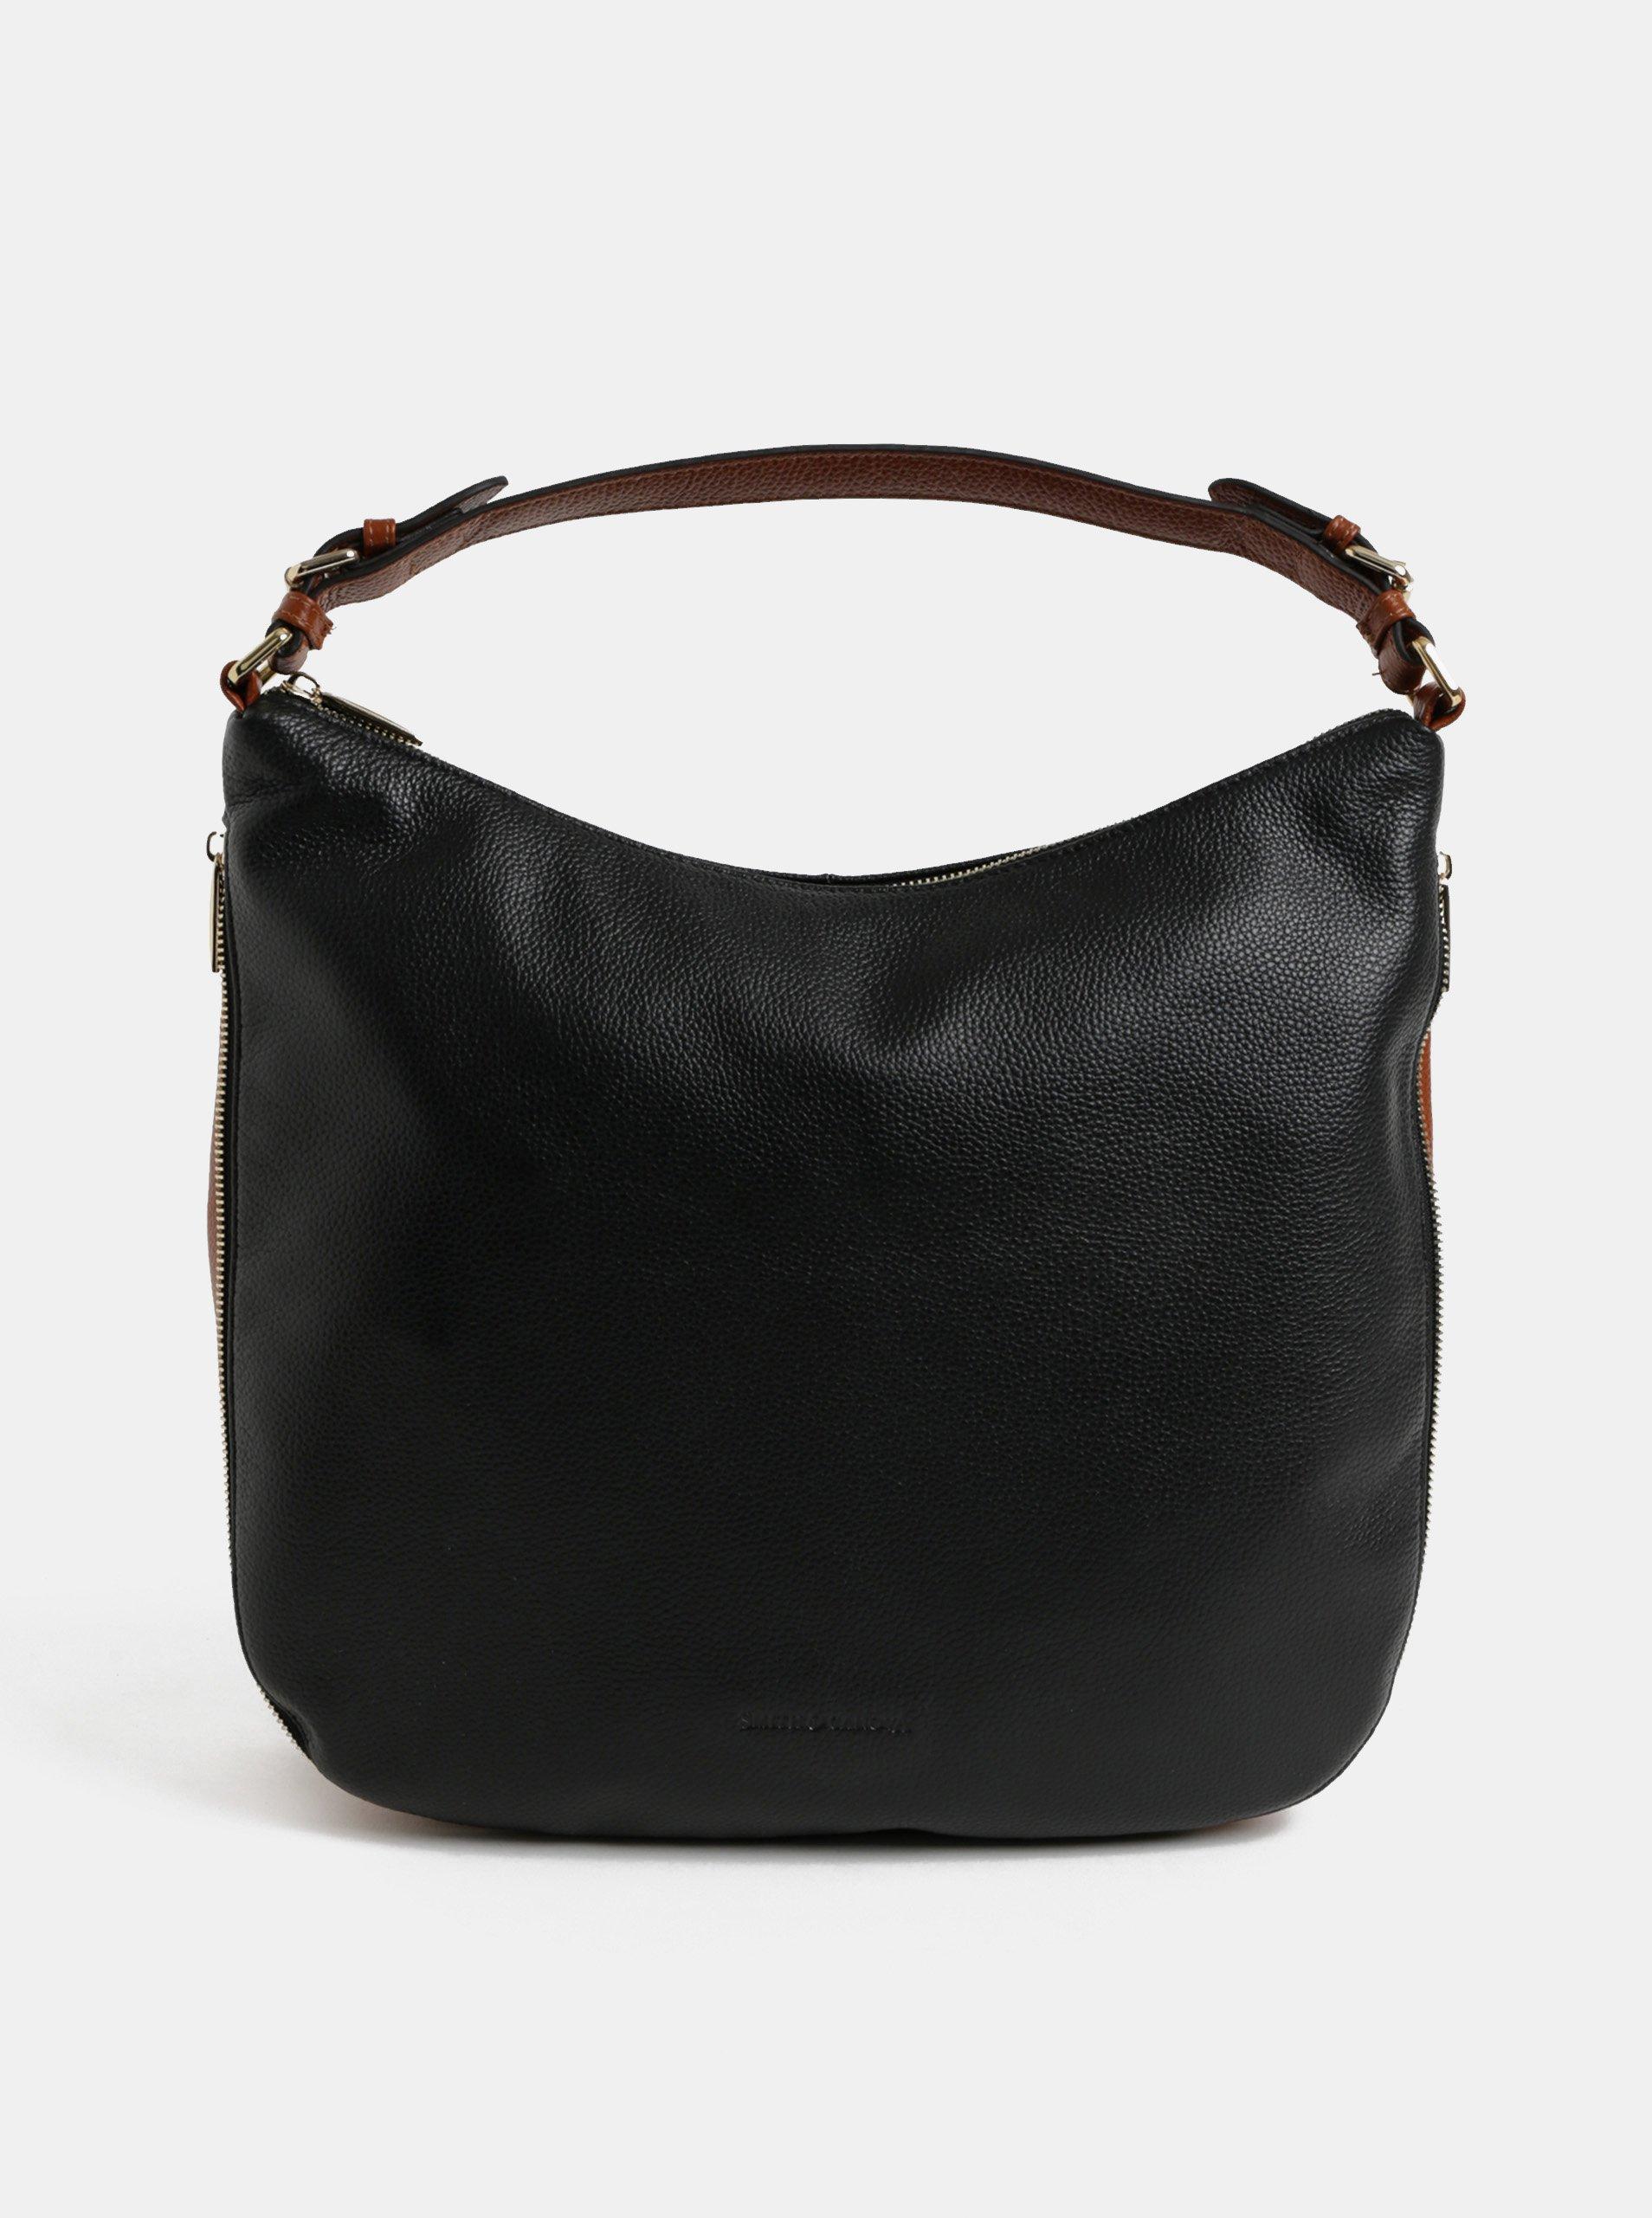 c1603b40e2 Hnědo-černá kožená kabelka se zipem Smith   Canova